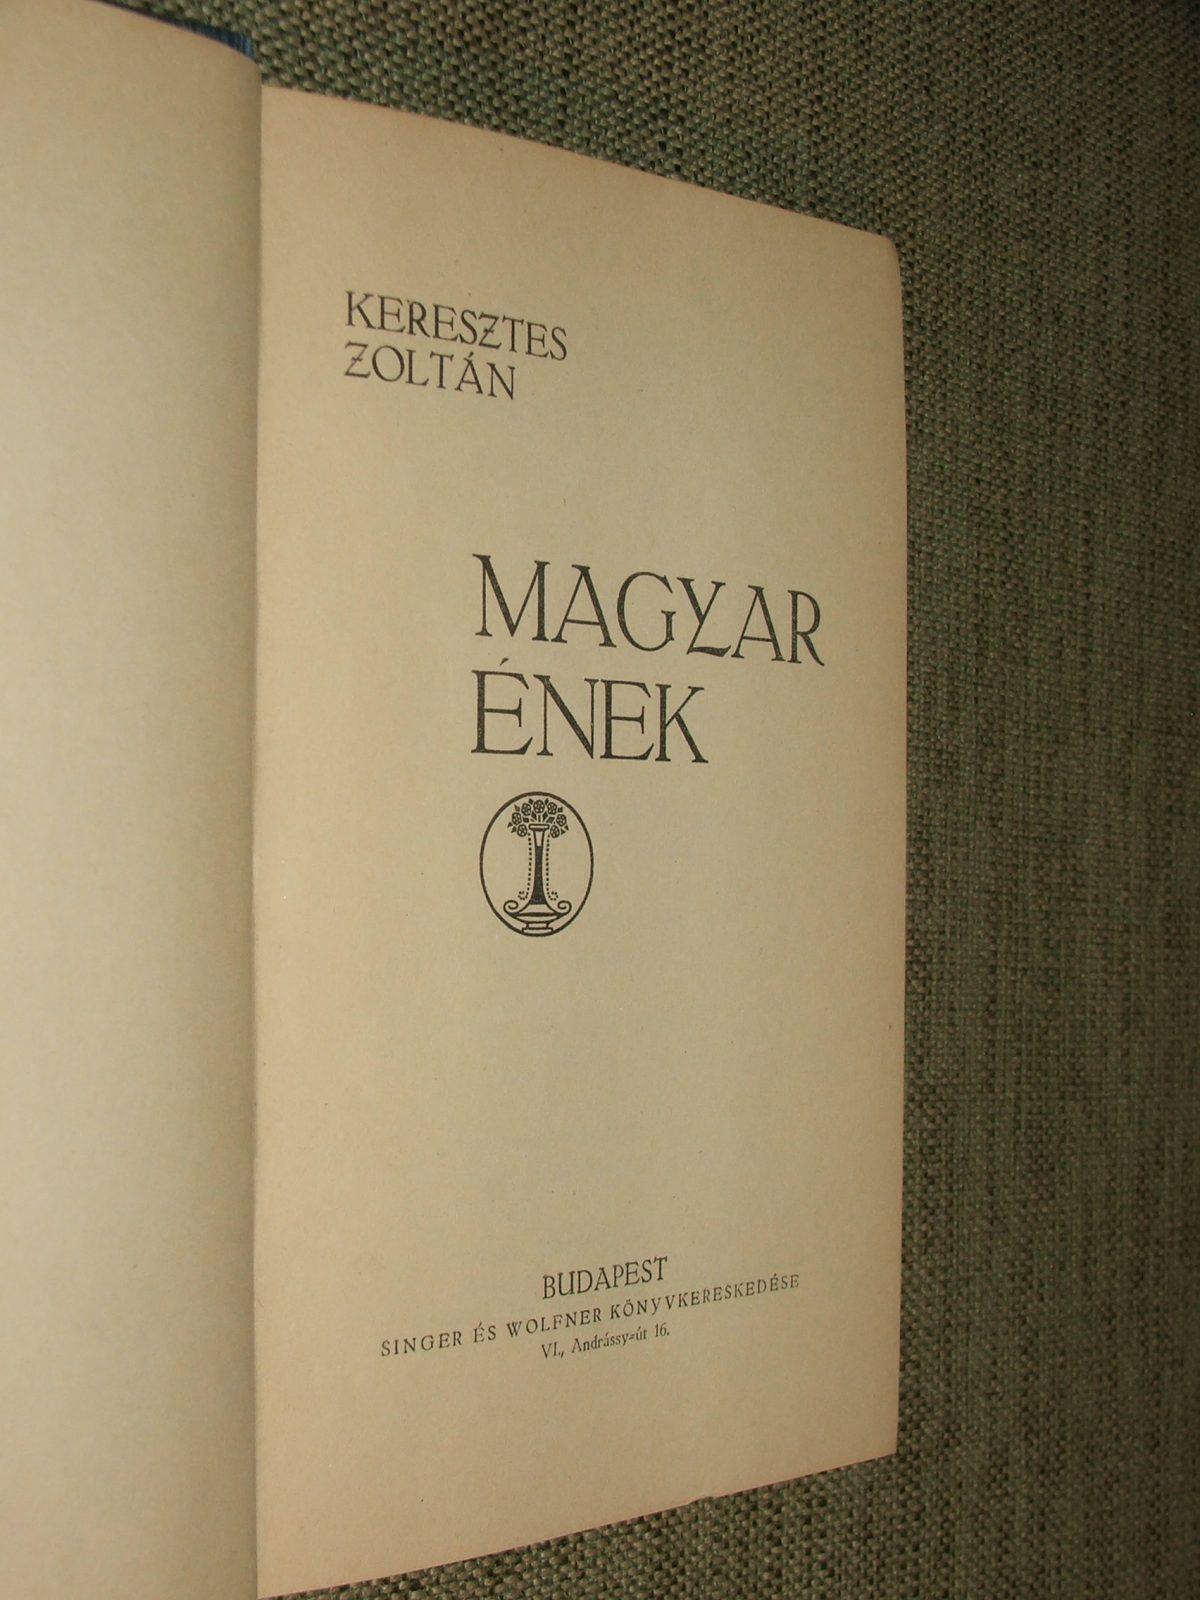 KERESZTES Zoltán: Magyar ének